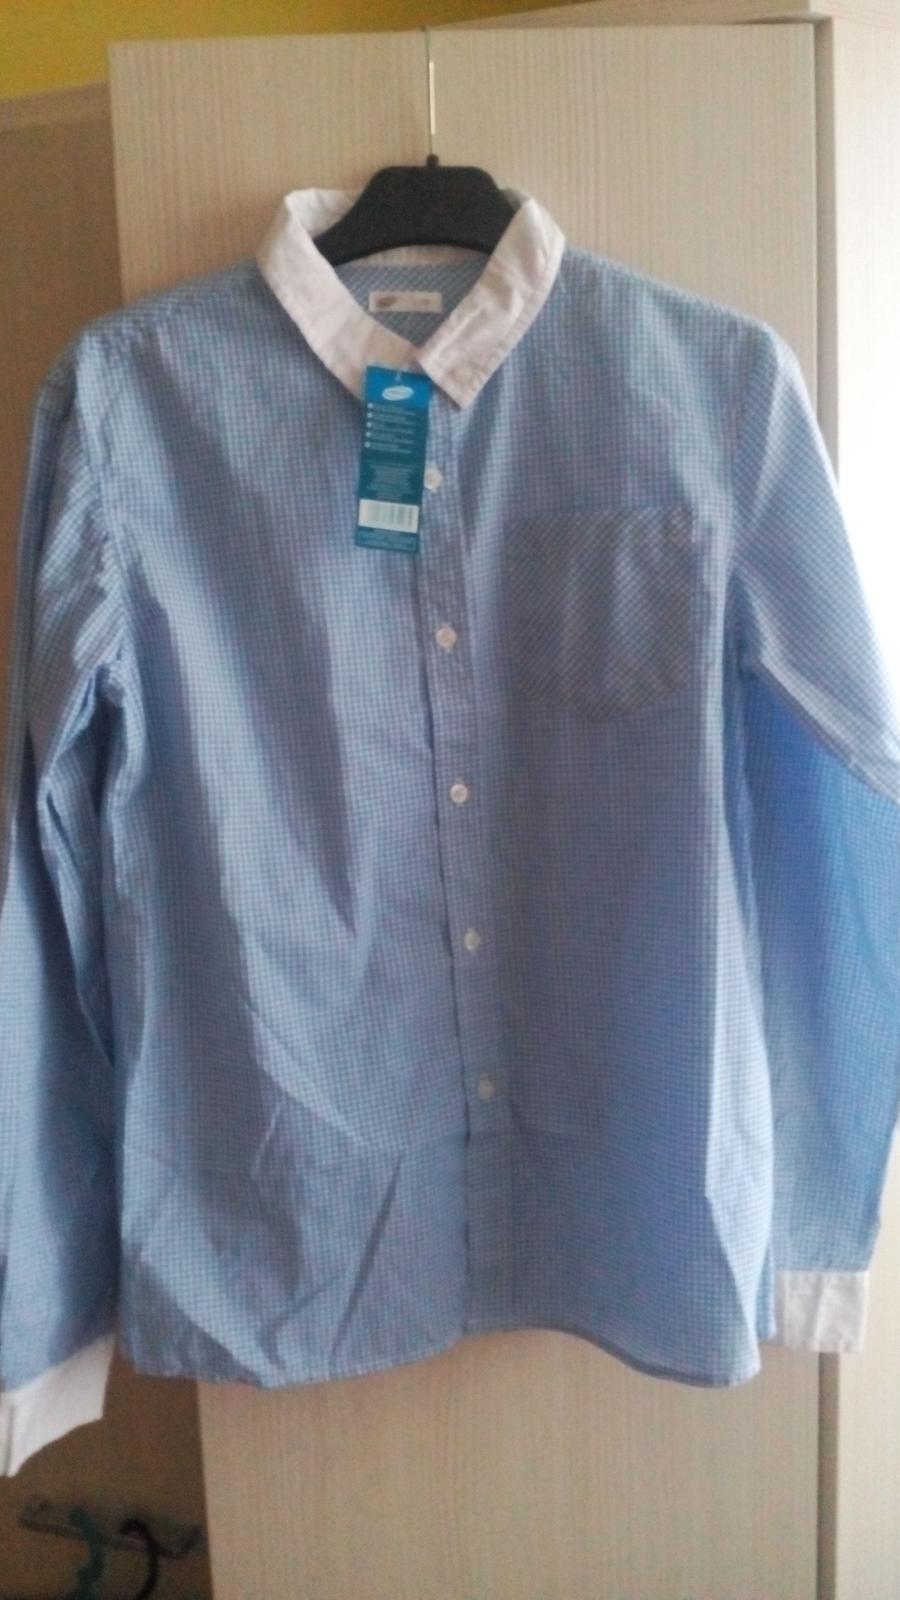 Nenosena bledomodro-biels košeľa s poštovným - Obrázok č. 1